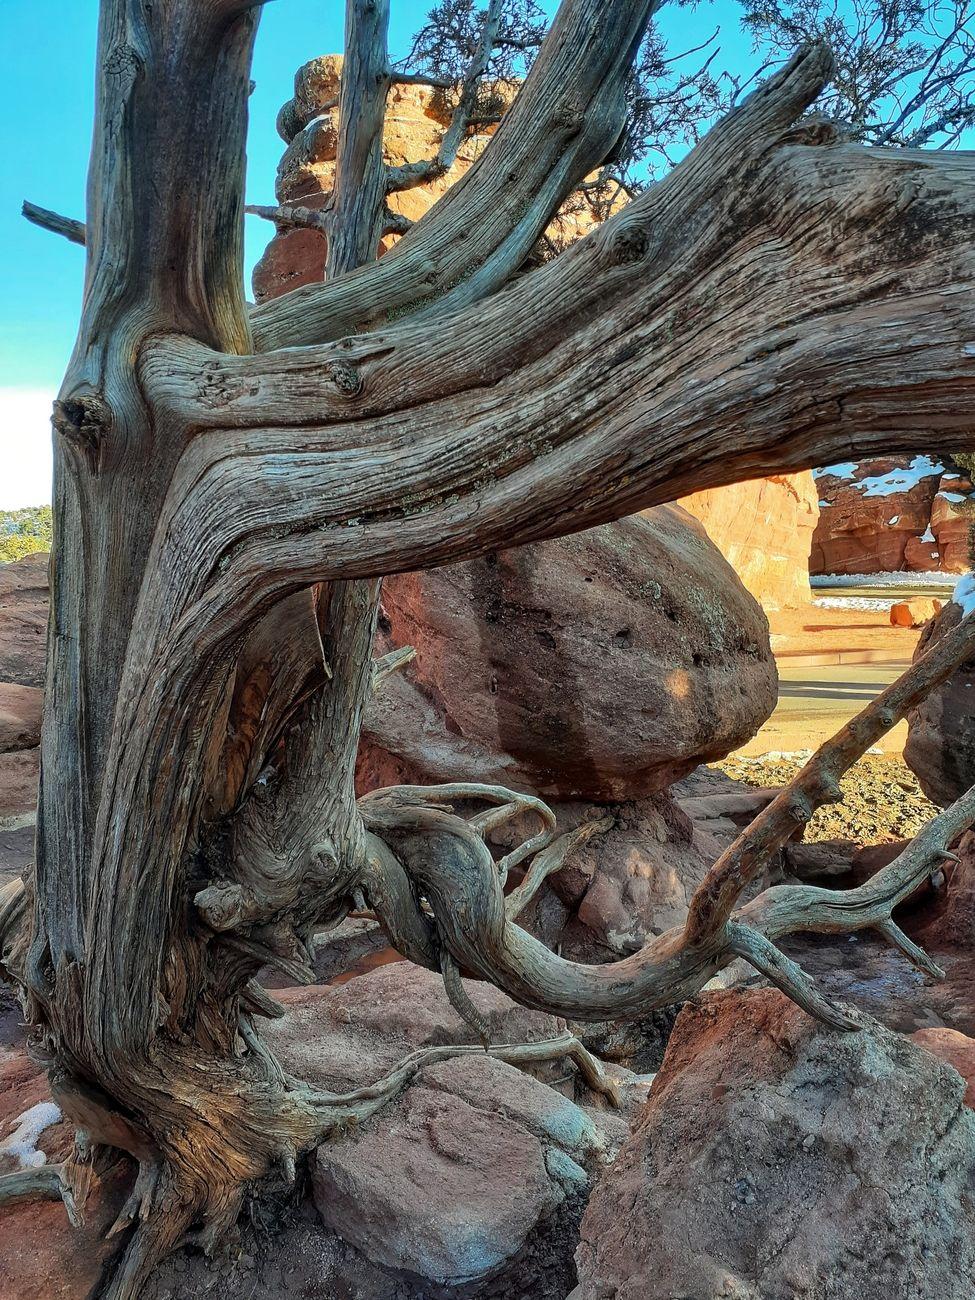 Taken at the Garden of the Gods in Colorado Springs, Colorado.